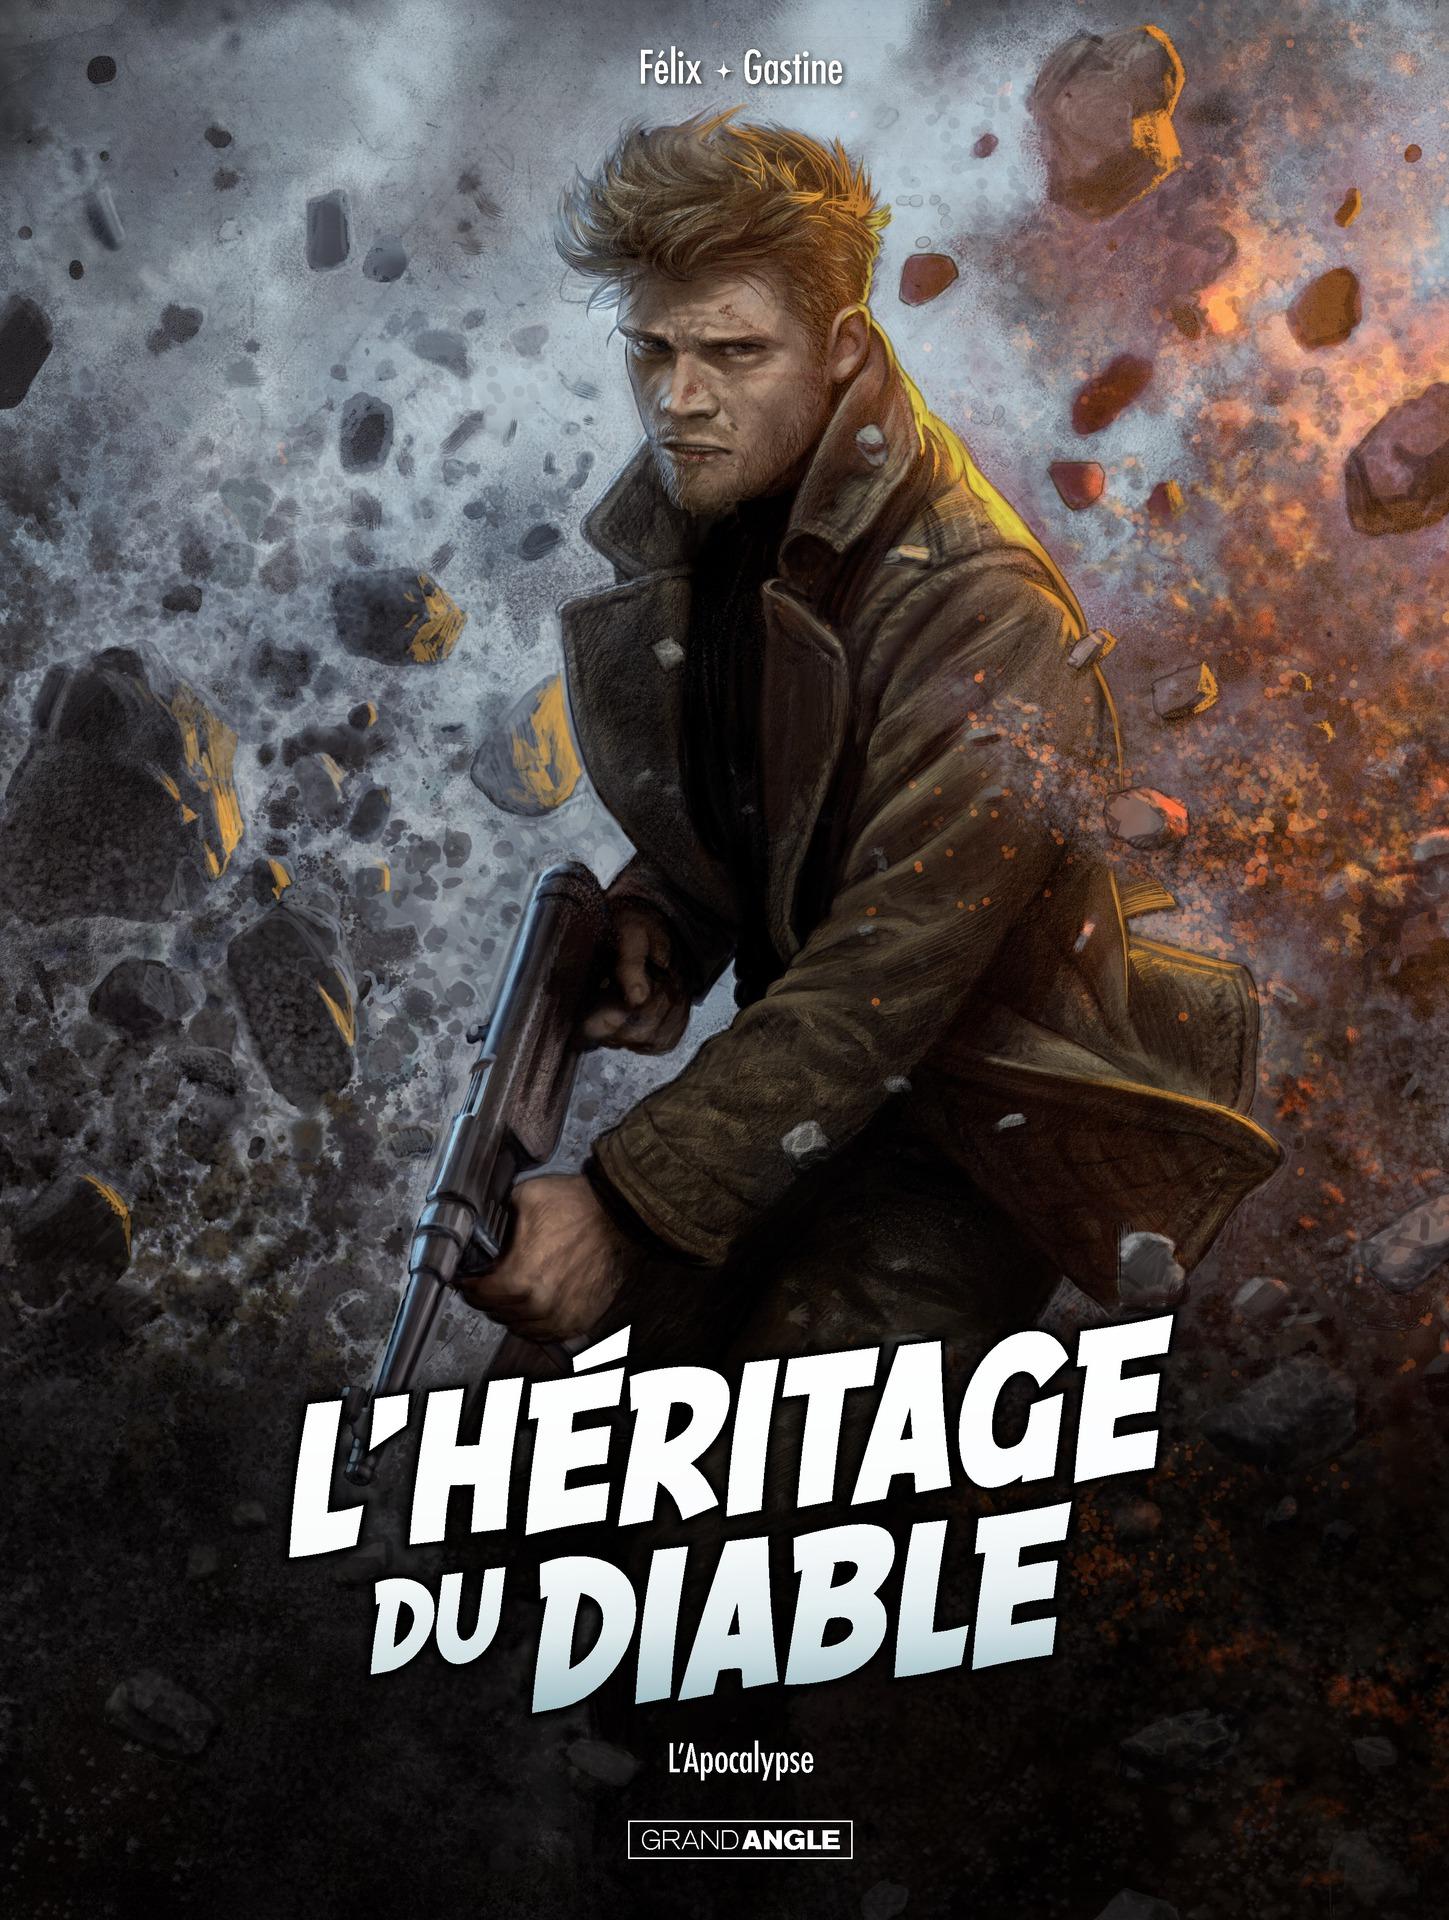 L'heritage du diable - t.4 - Apocalypse - Jerome Felix - Paul Gastine - Couverture